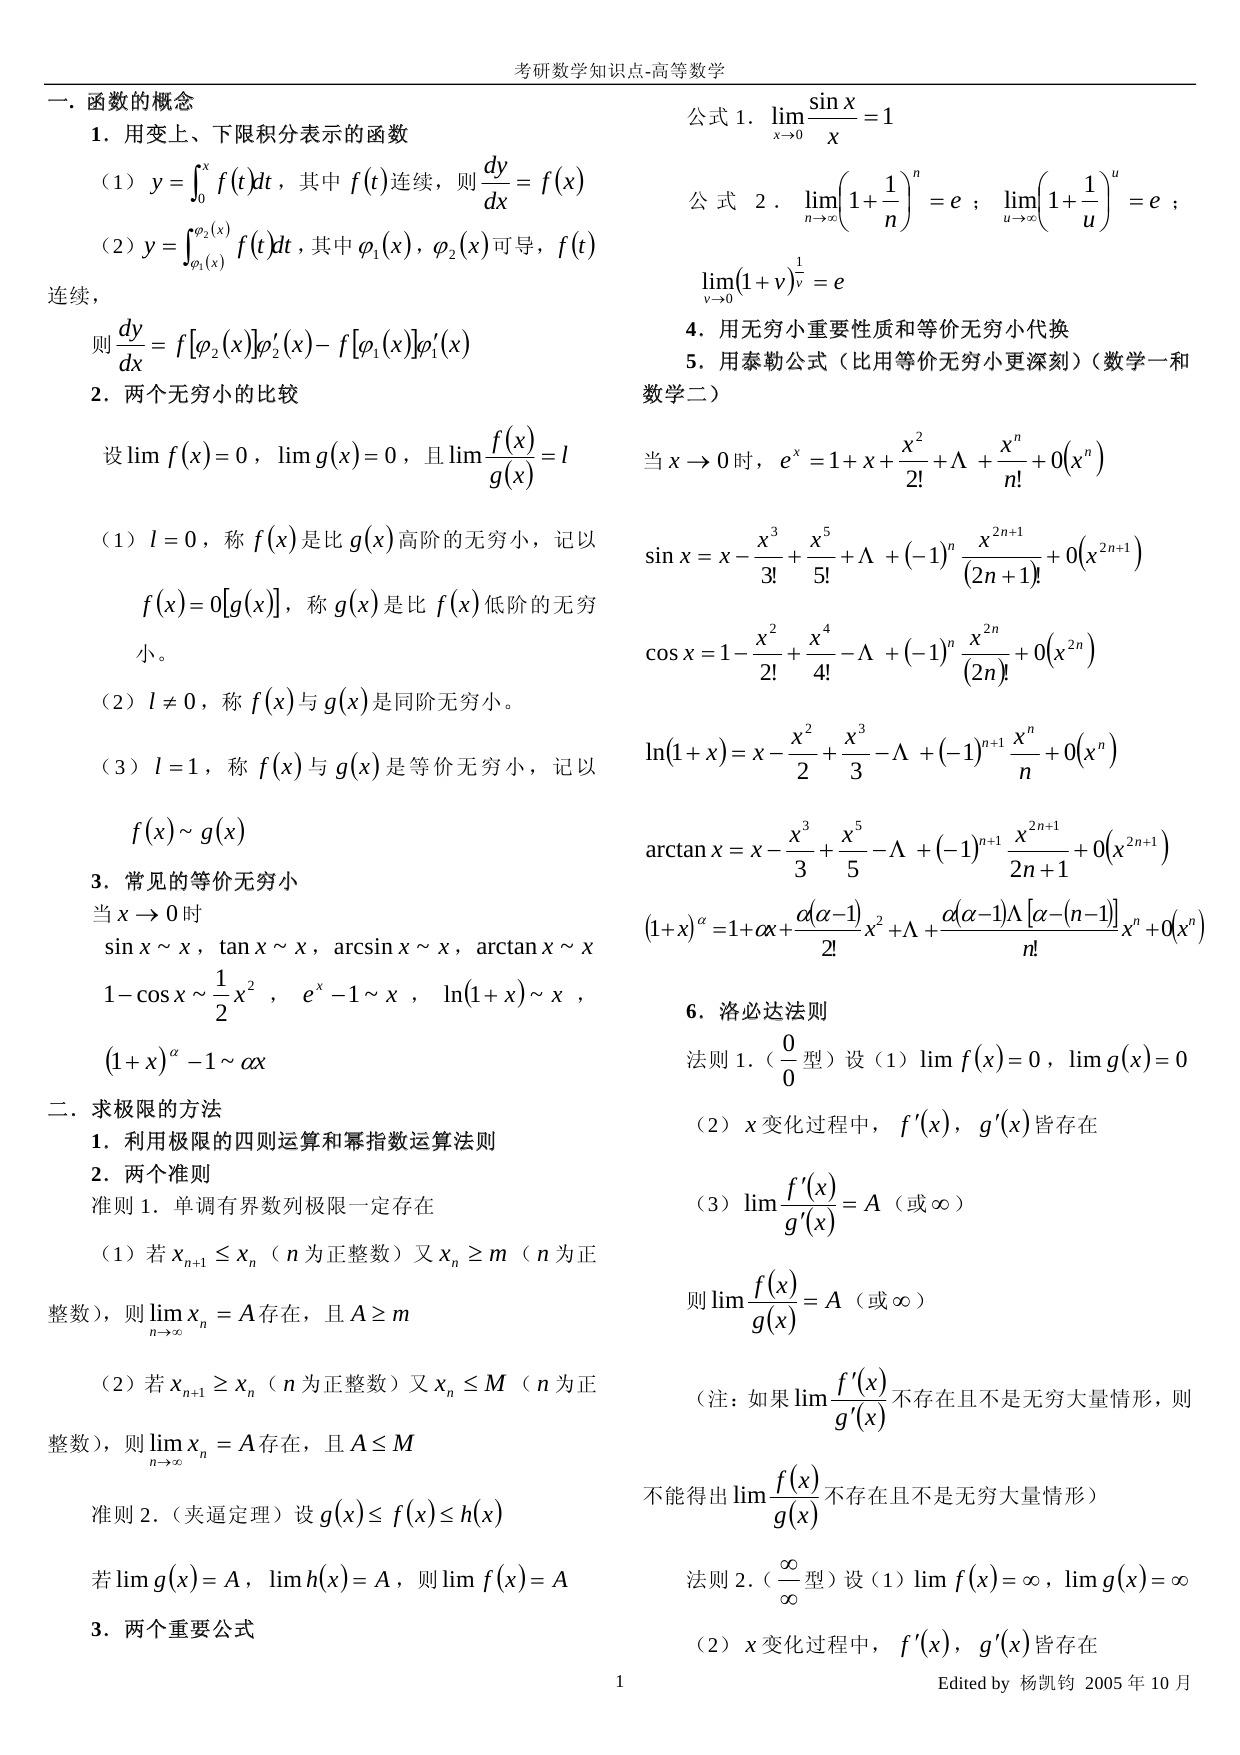 2015考研高等数学知识点